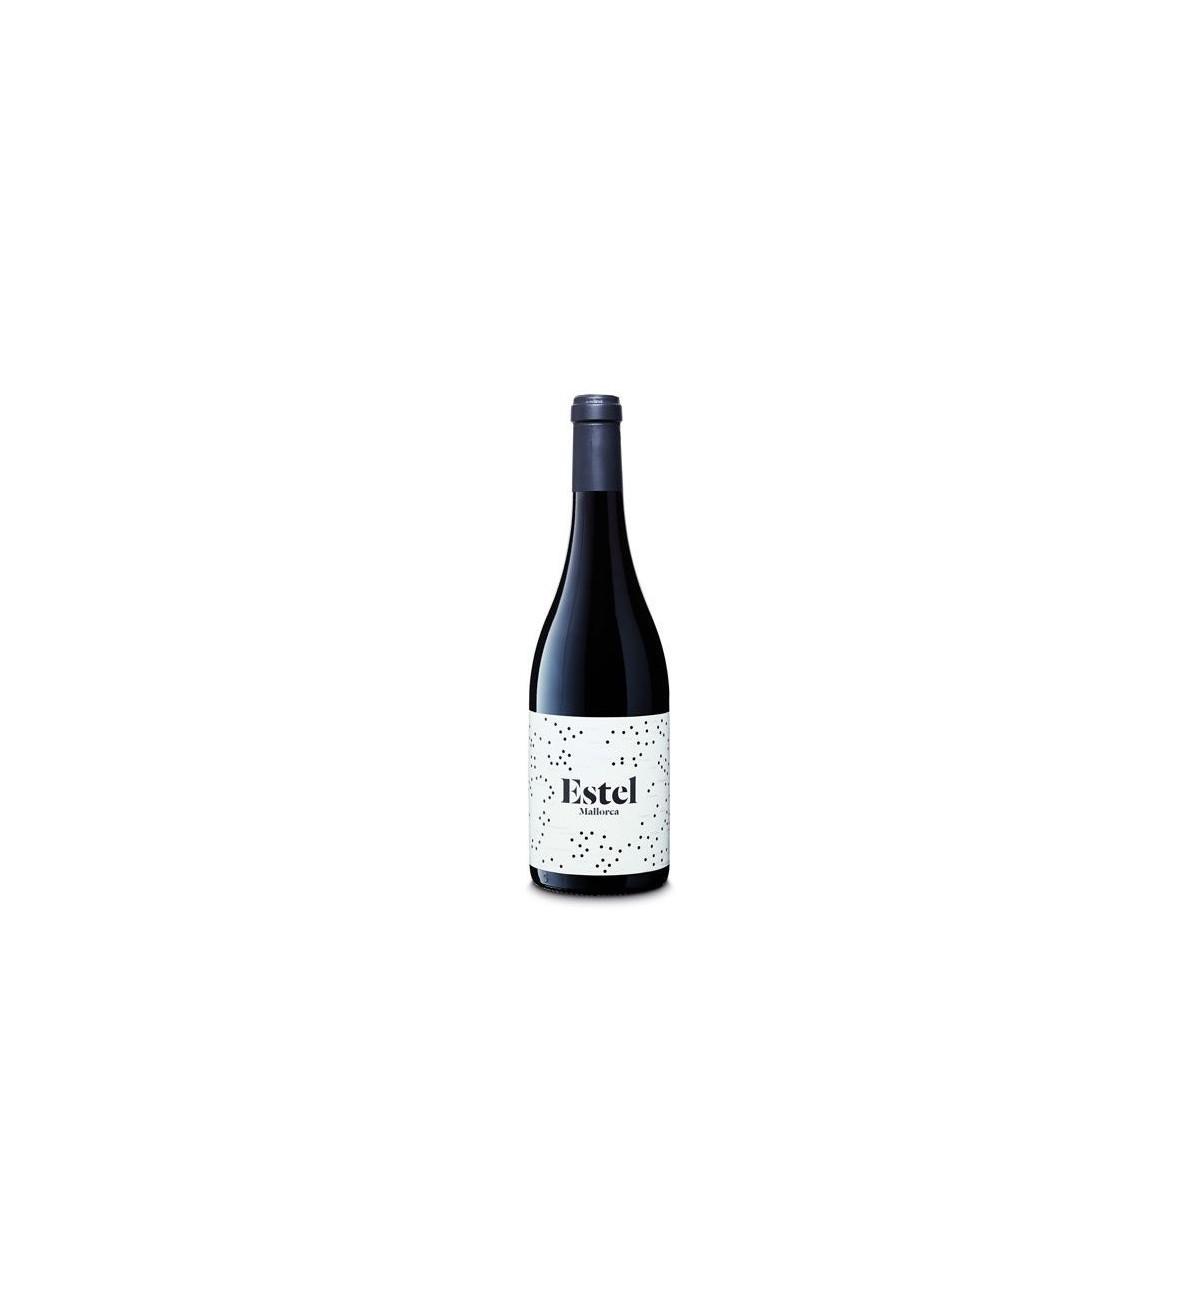 Estel 2017 * Vino tinto, Mallorca, Manto negro, Callet, Syrah, Merlot, Cabernet Sauvignon